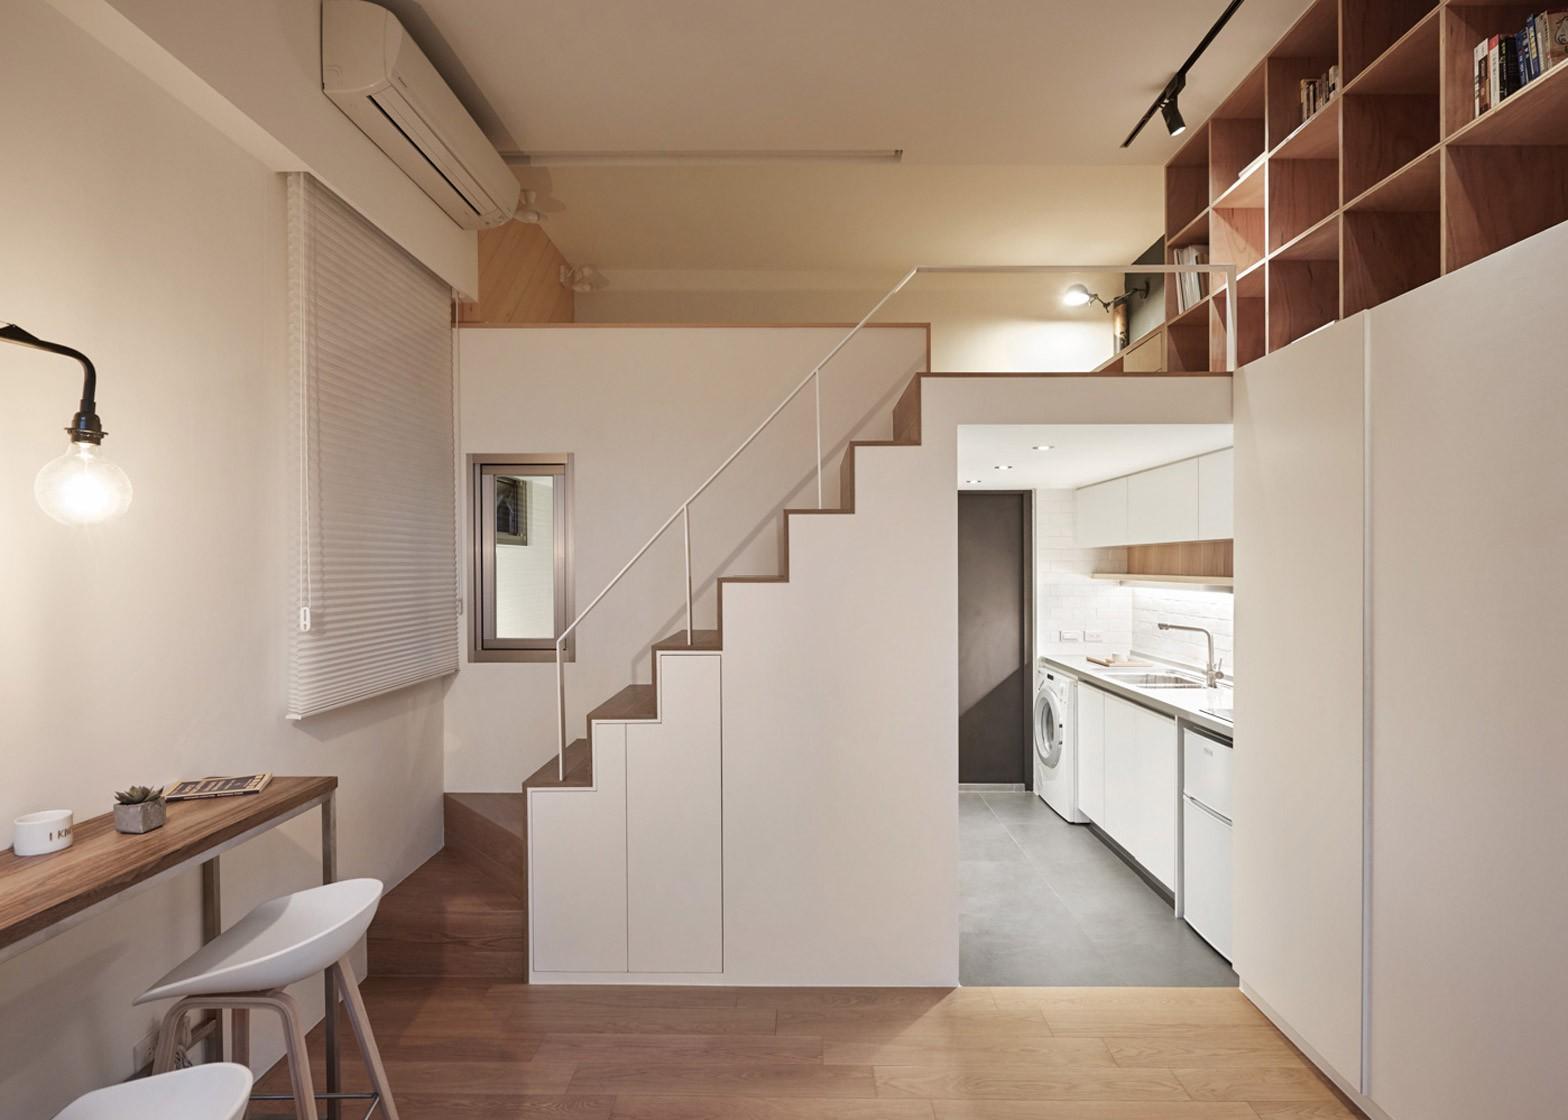 22m2-apartment-a-little-design-interior-taiwan_dezeen_1568_12